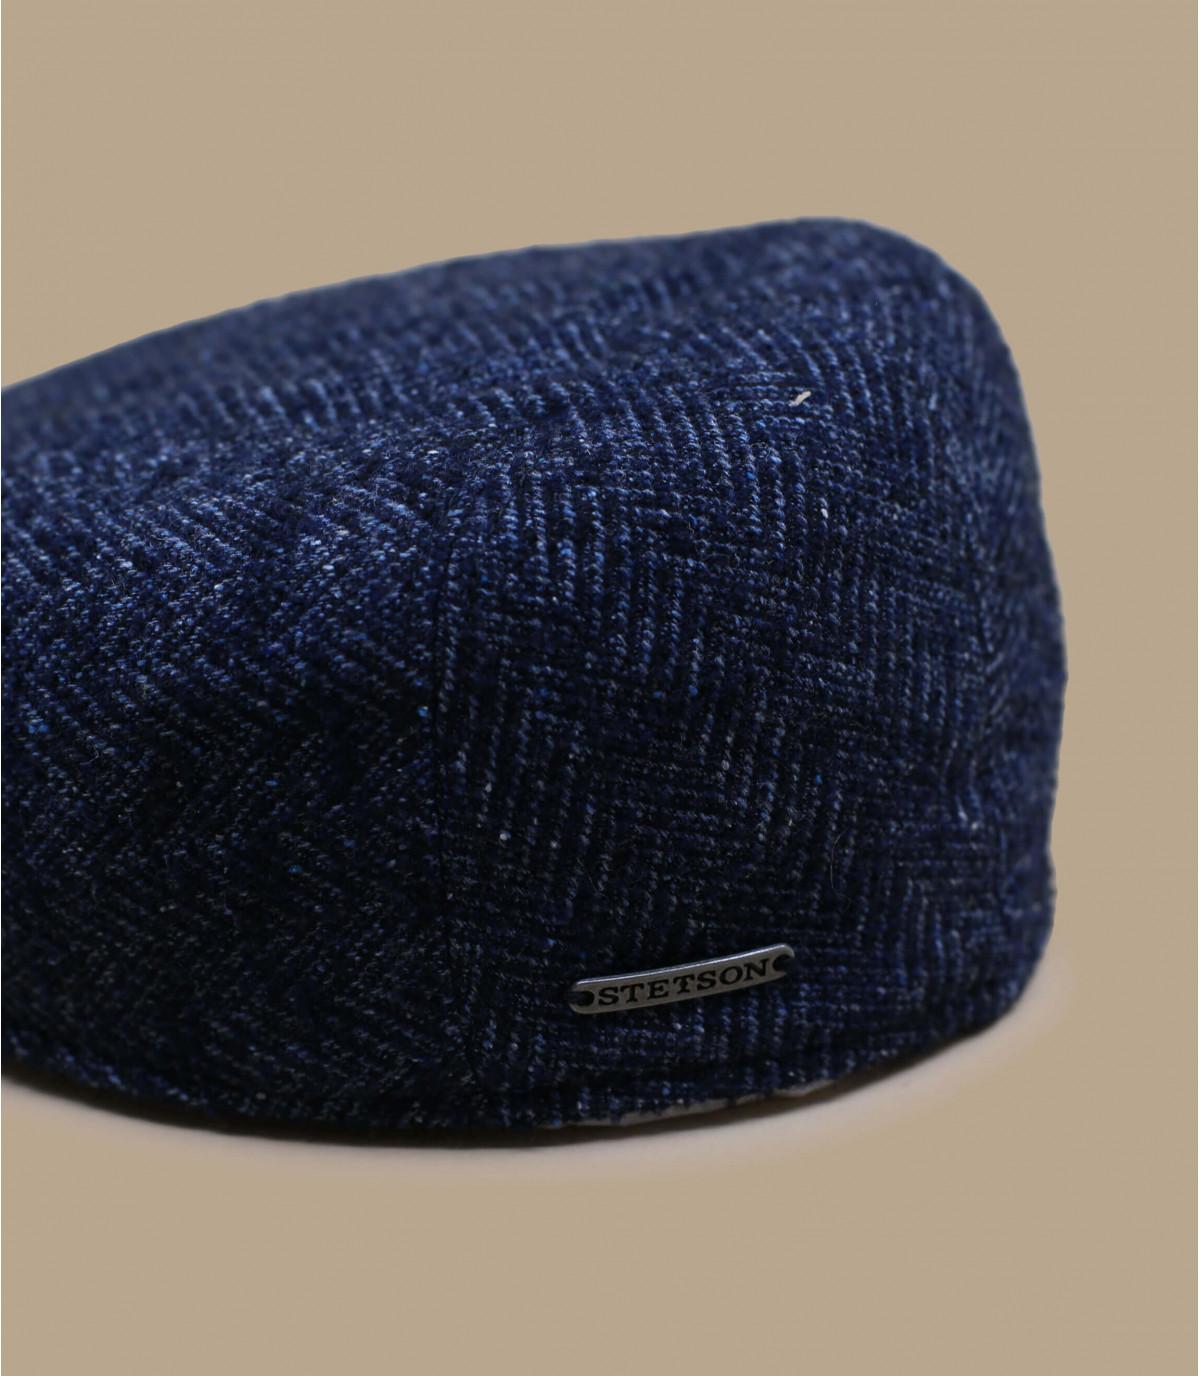 Détails Ivy Cap Virgin Wool blue herringbone - image 2